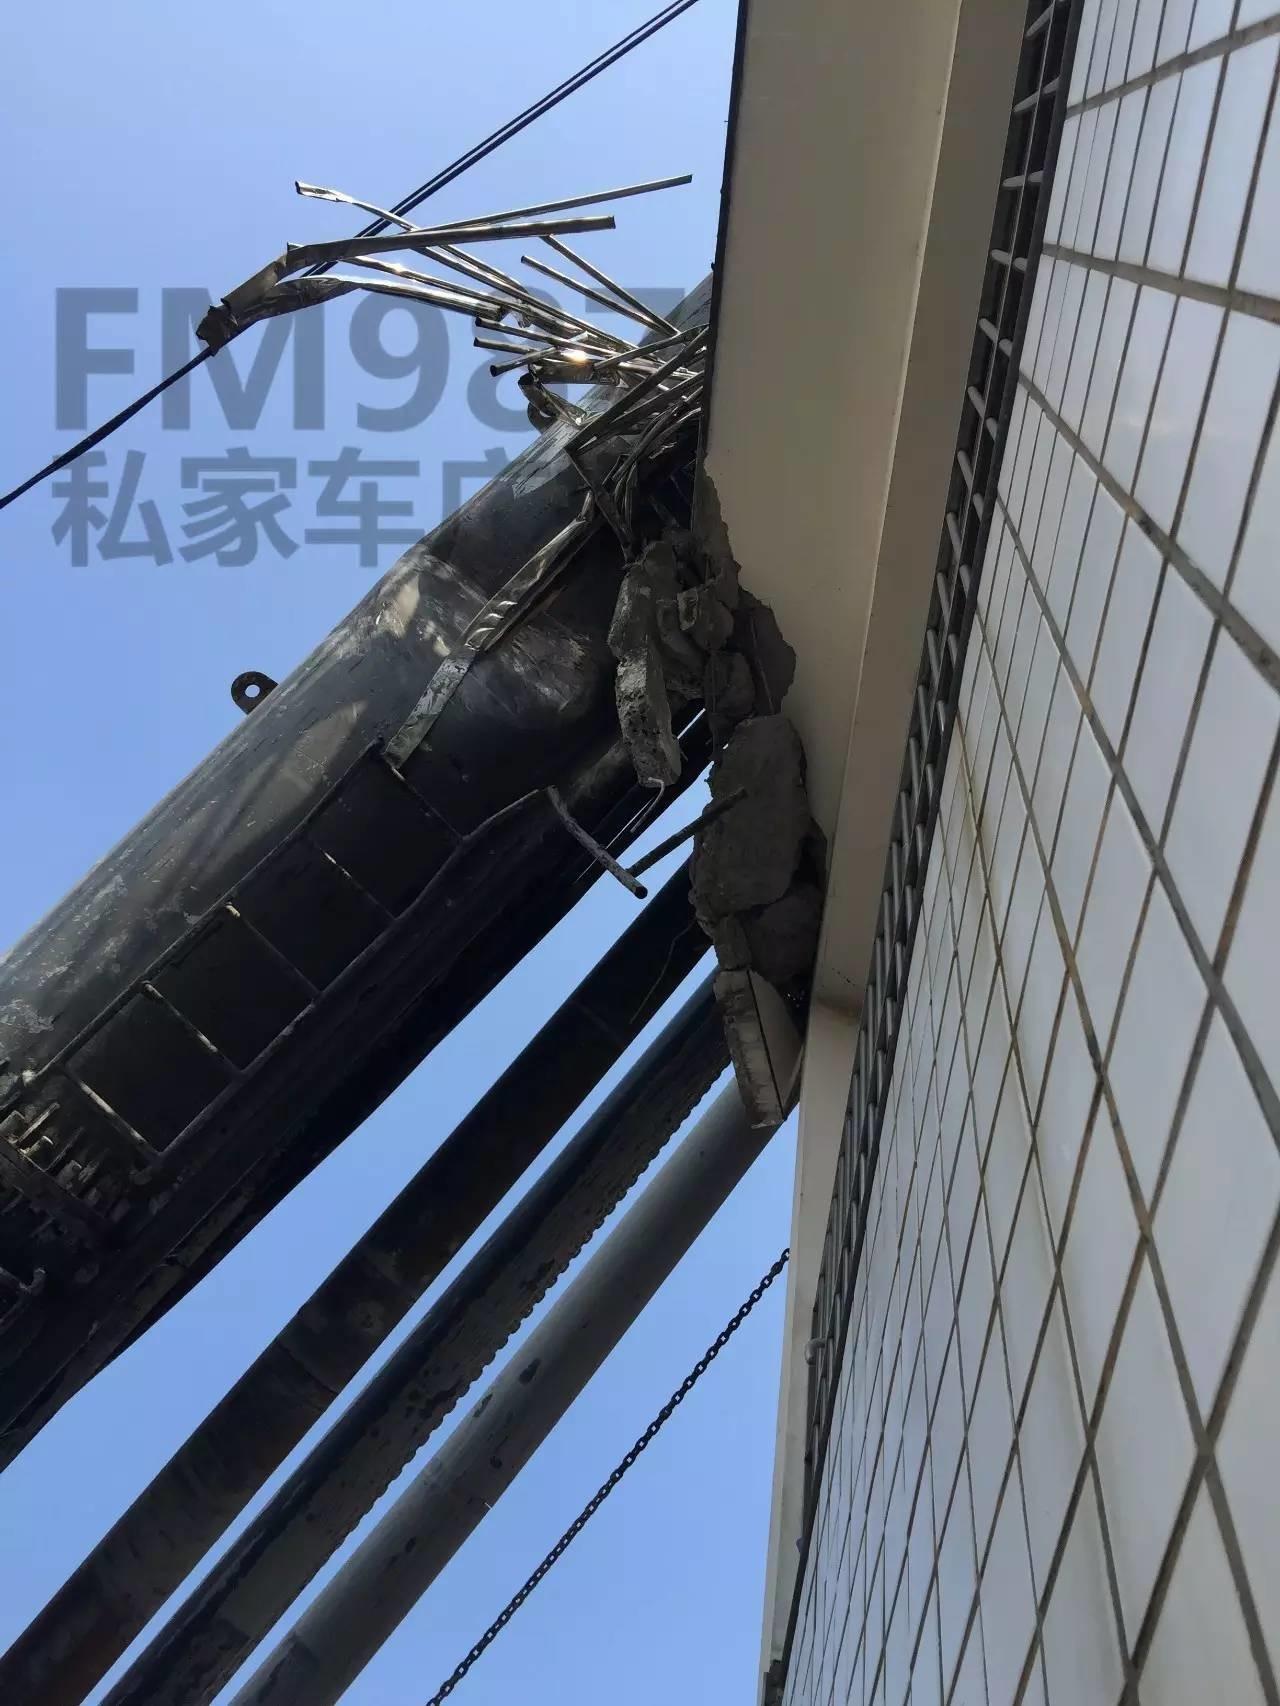 一声巨响!!巨型三轴搅拌机倒了 福州金山摘仙苑顶层被砸